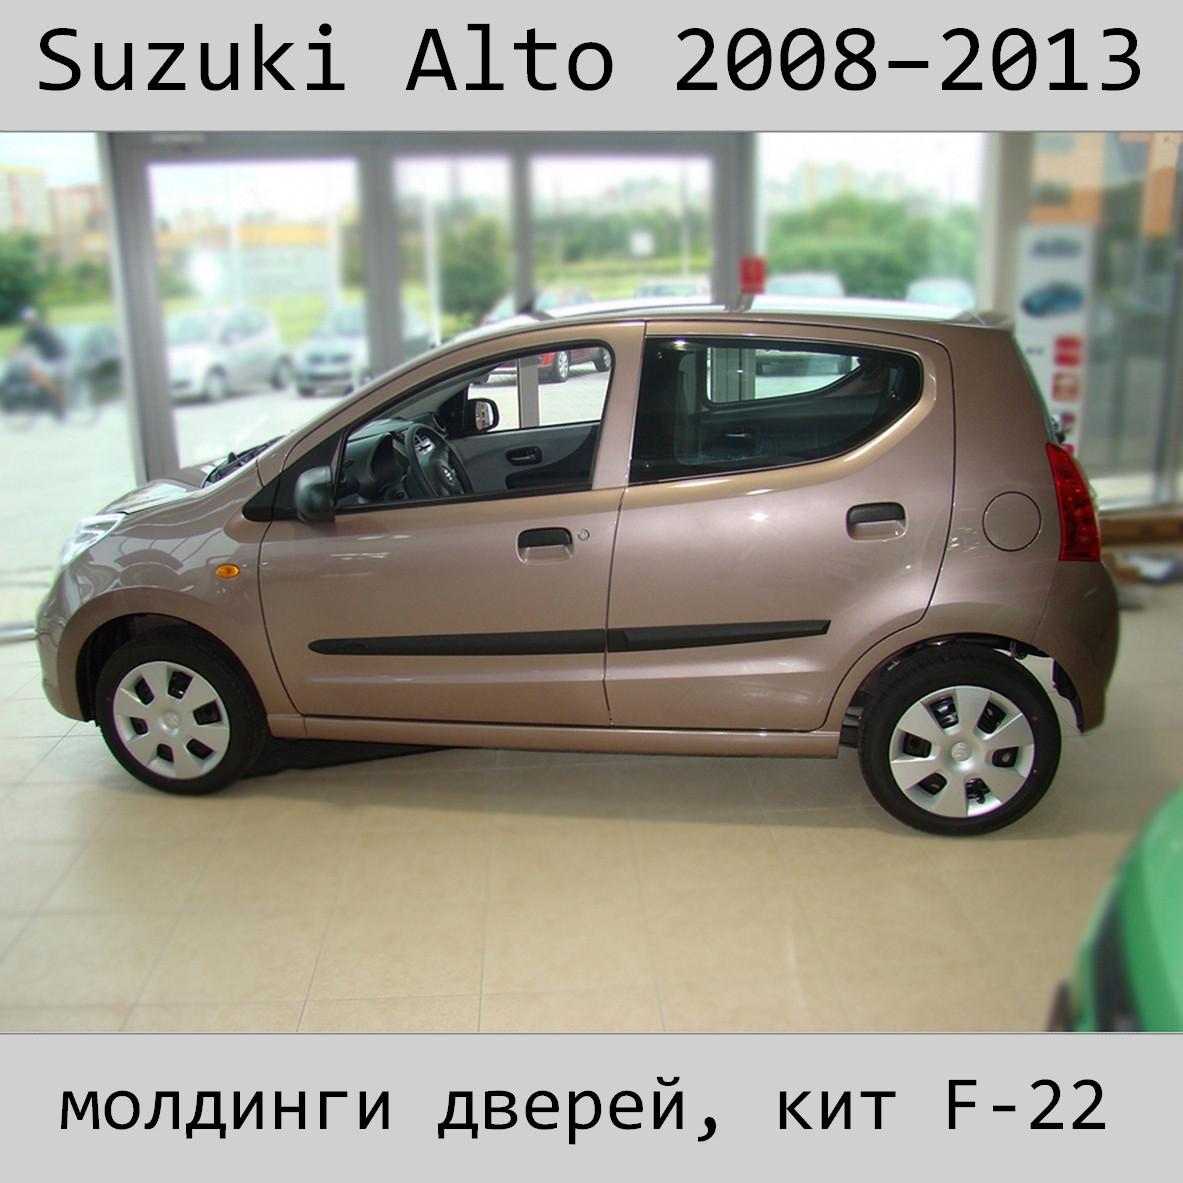 Молдинги на двері Suzuki для Alto 2008-2013